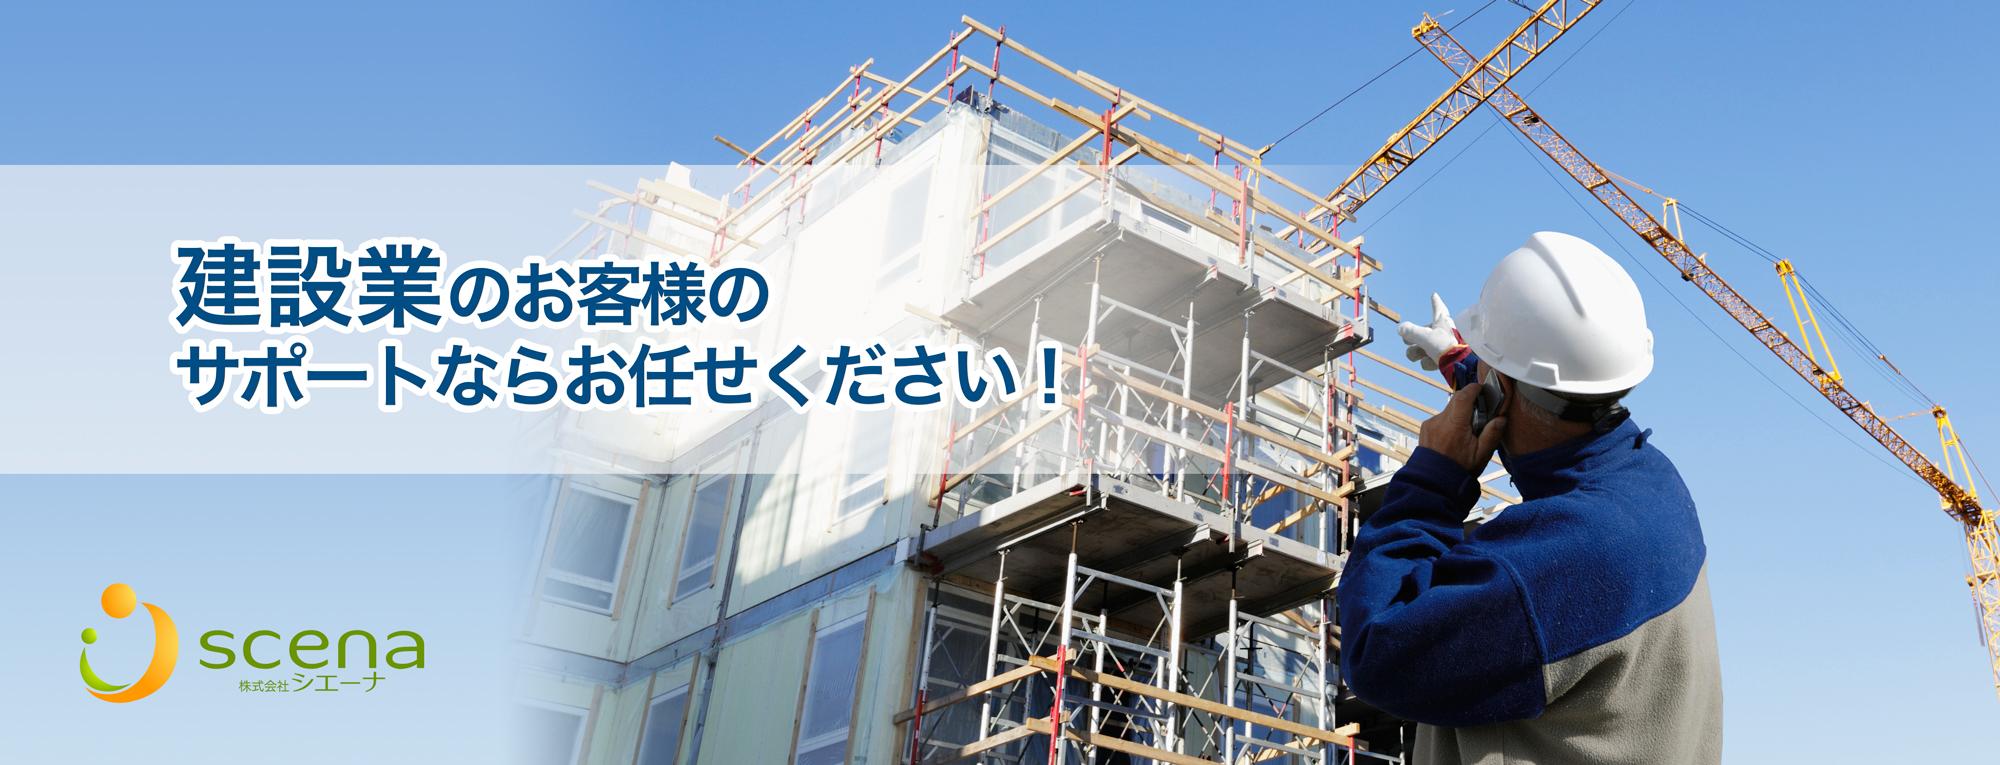 建設業のお客様のサポートならお任せ下さい